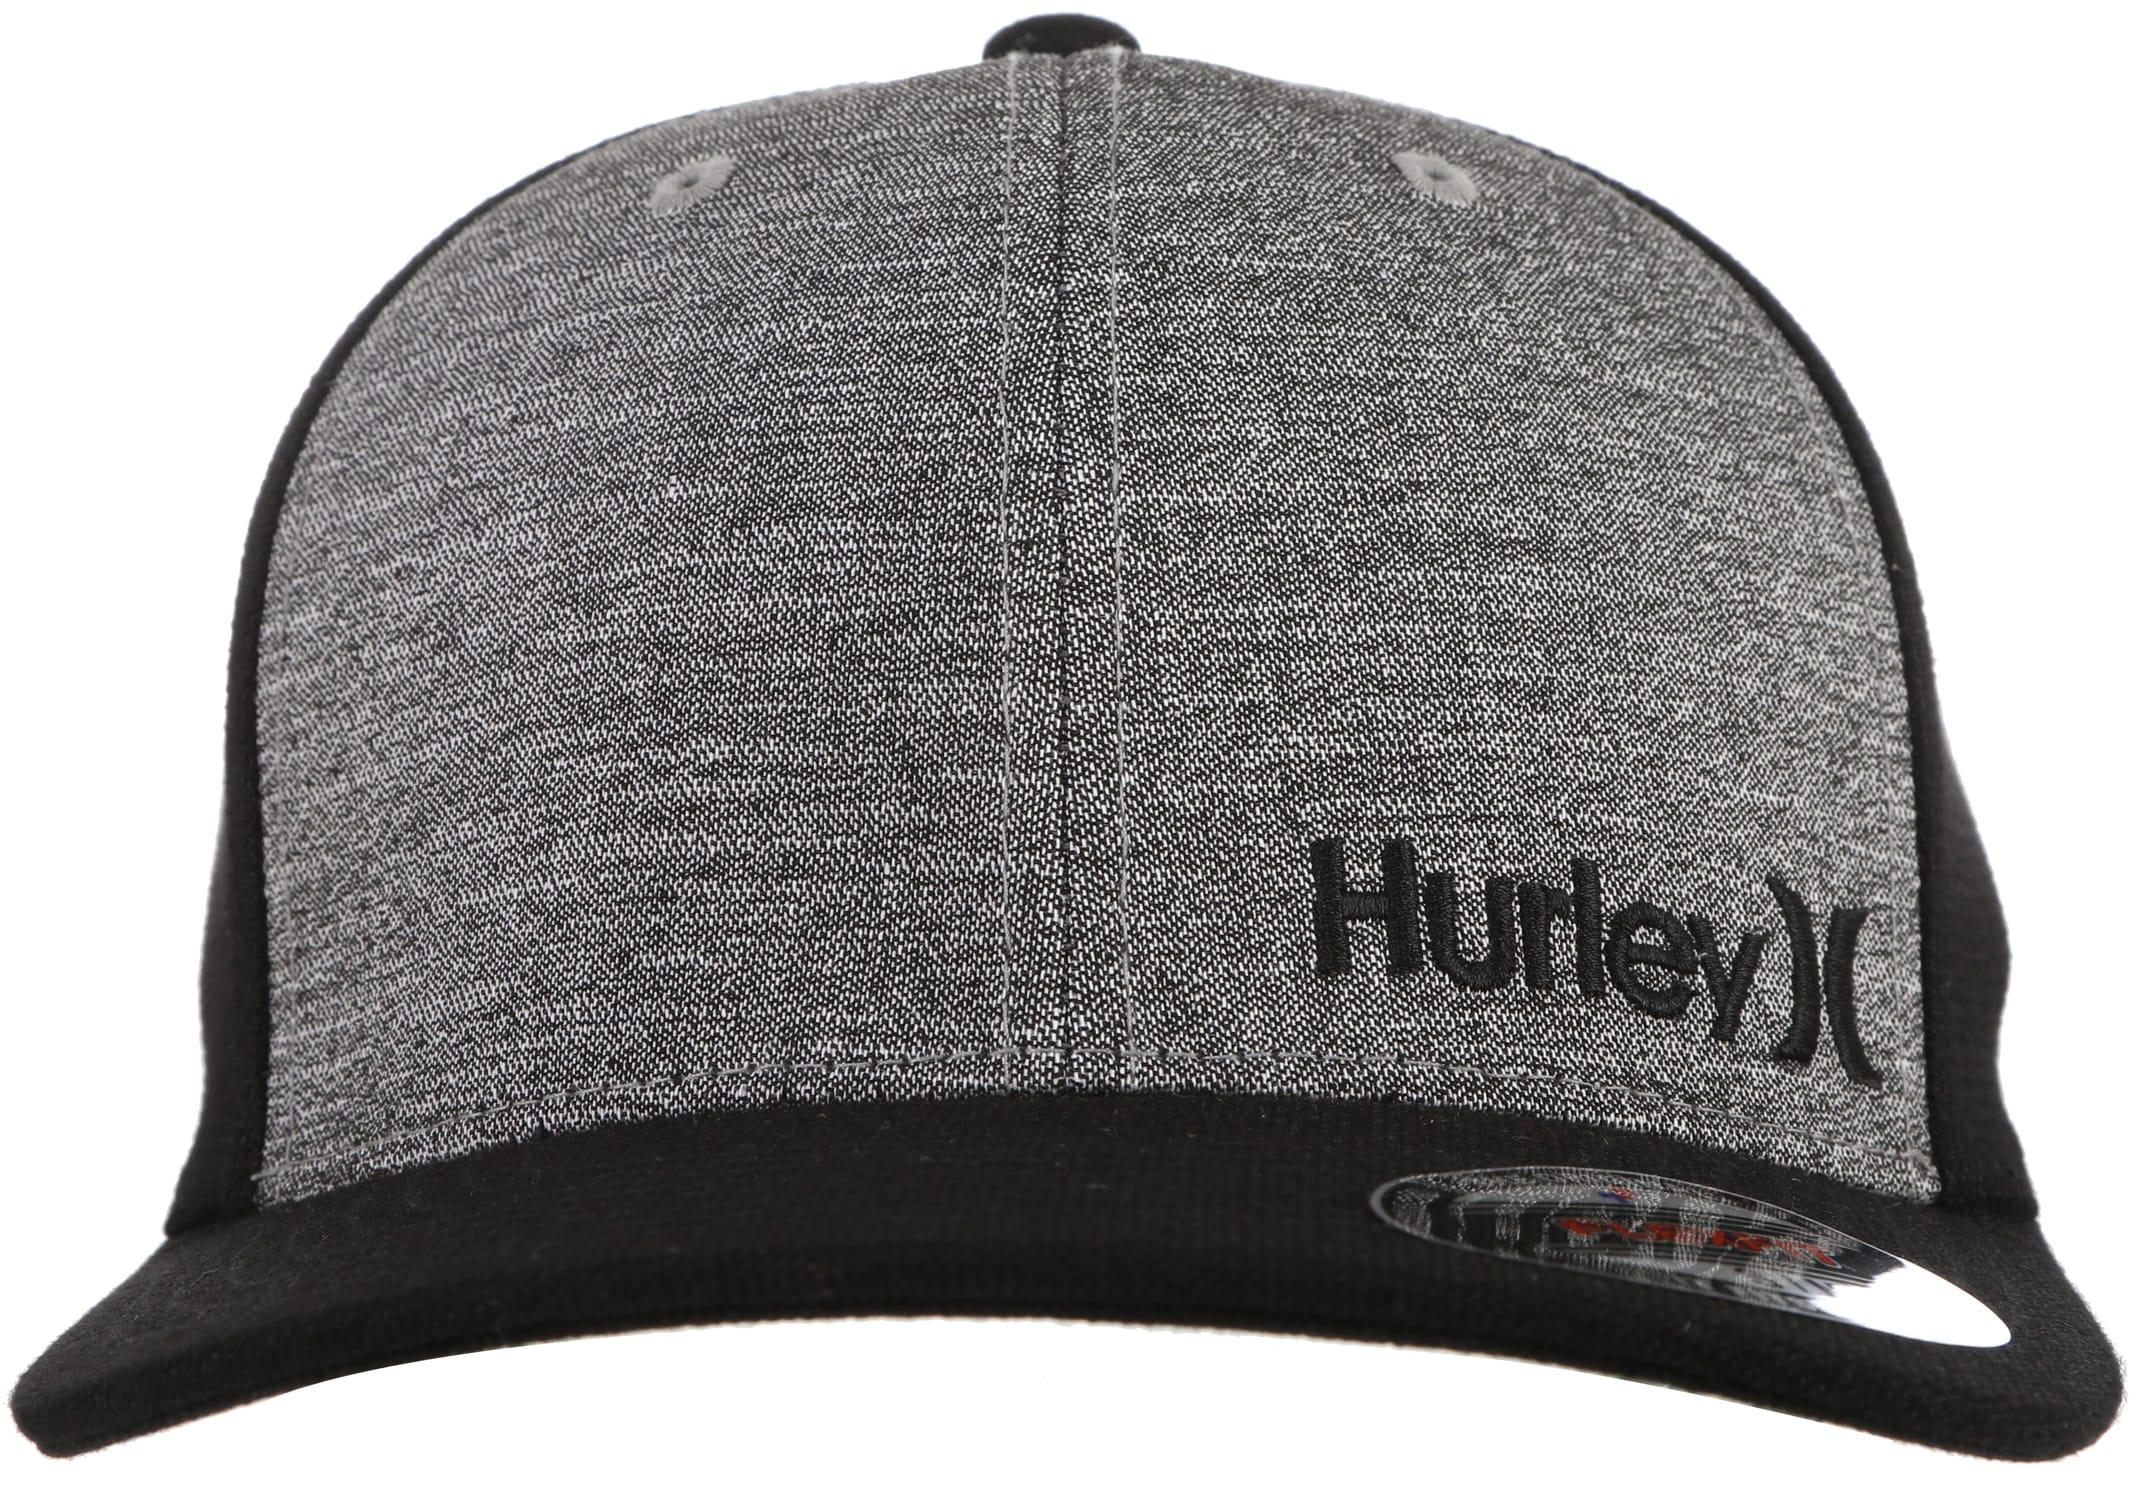 9e6e795214e Hurley Corp Textures 2.0 Cap - thumbnail 1